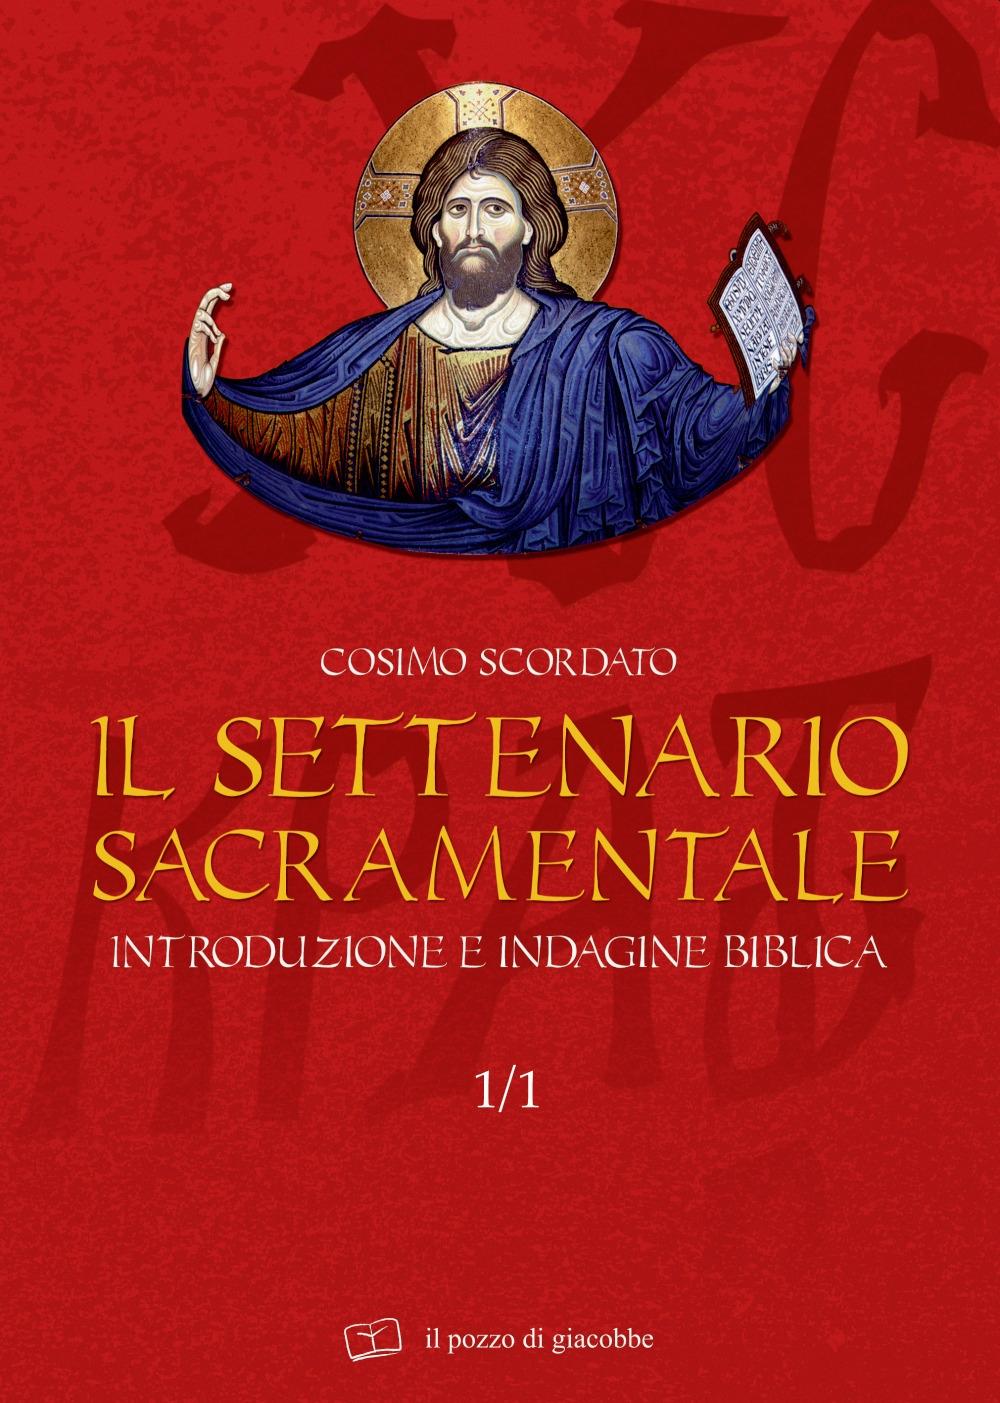 Il settenario sacramentale. Vol. 1/1: Introduzione e indagine biblica